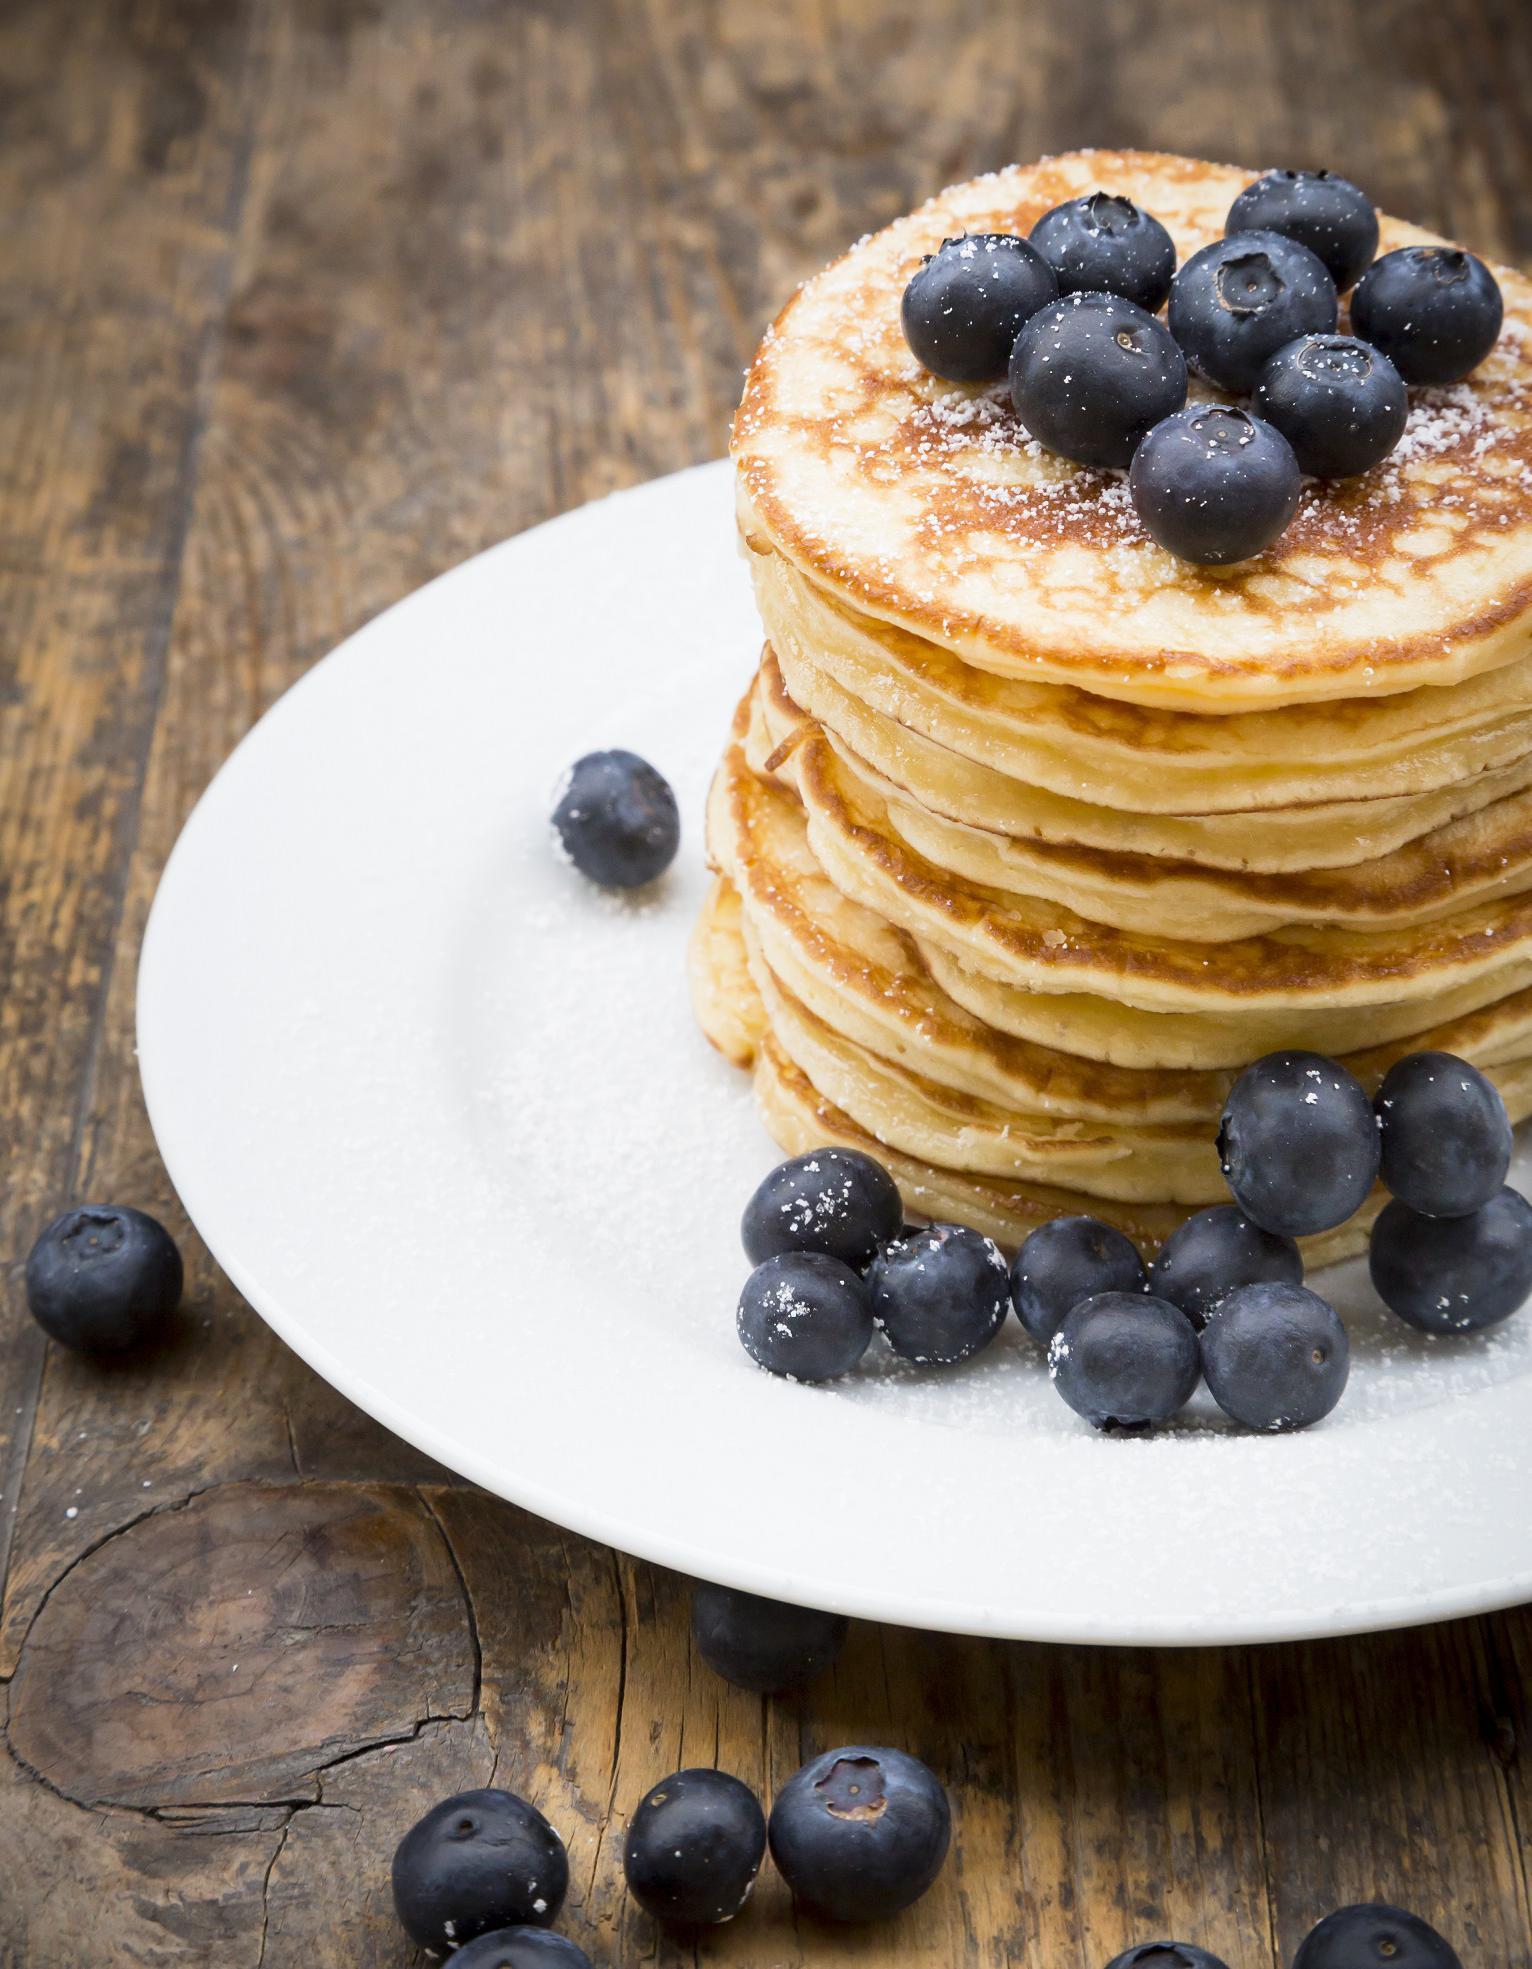 Recette pancakes healthy d couvrez comment pr parer des pancakes healthy elle table - Recette pancakes herve cuisine ...